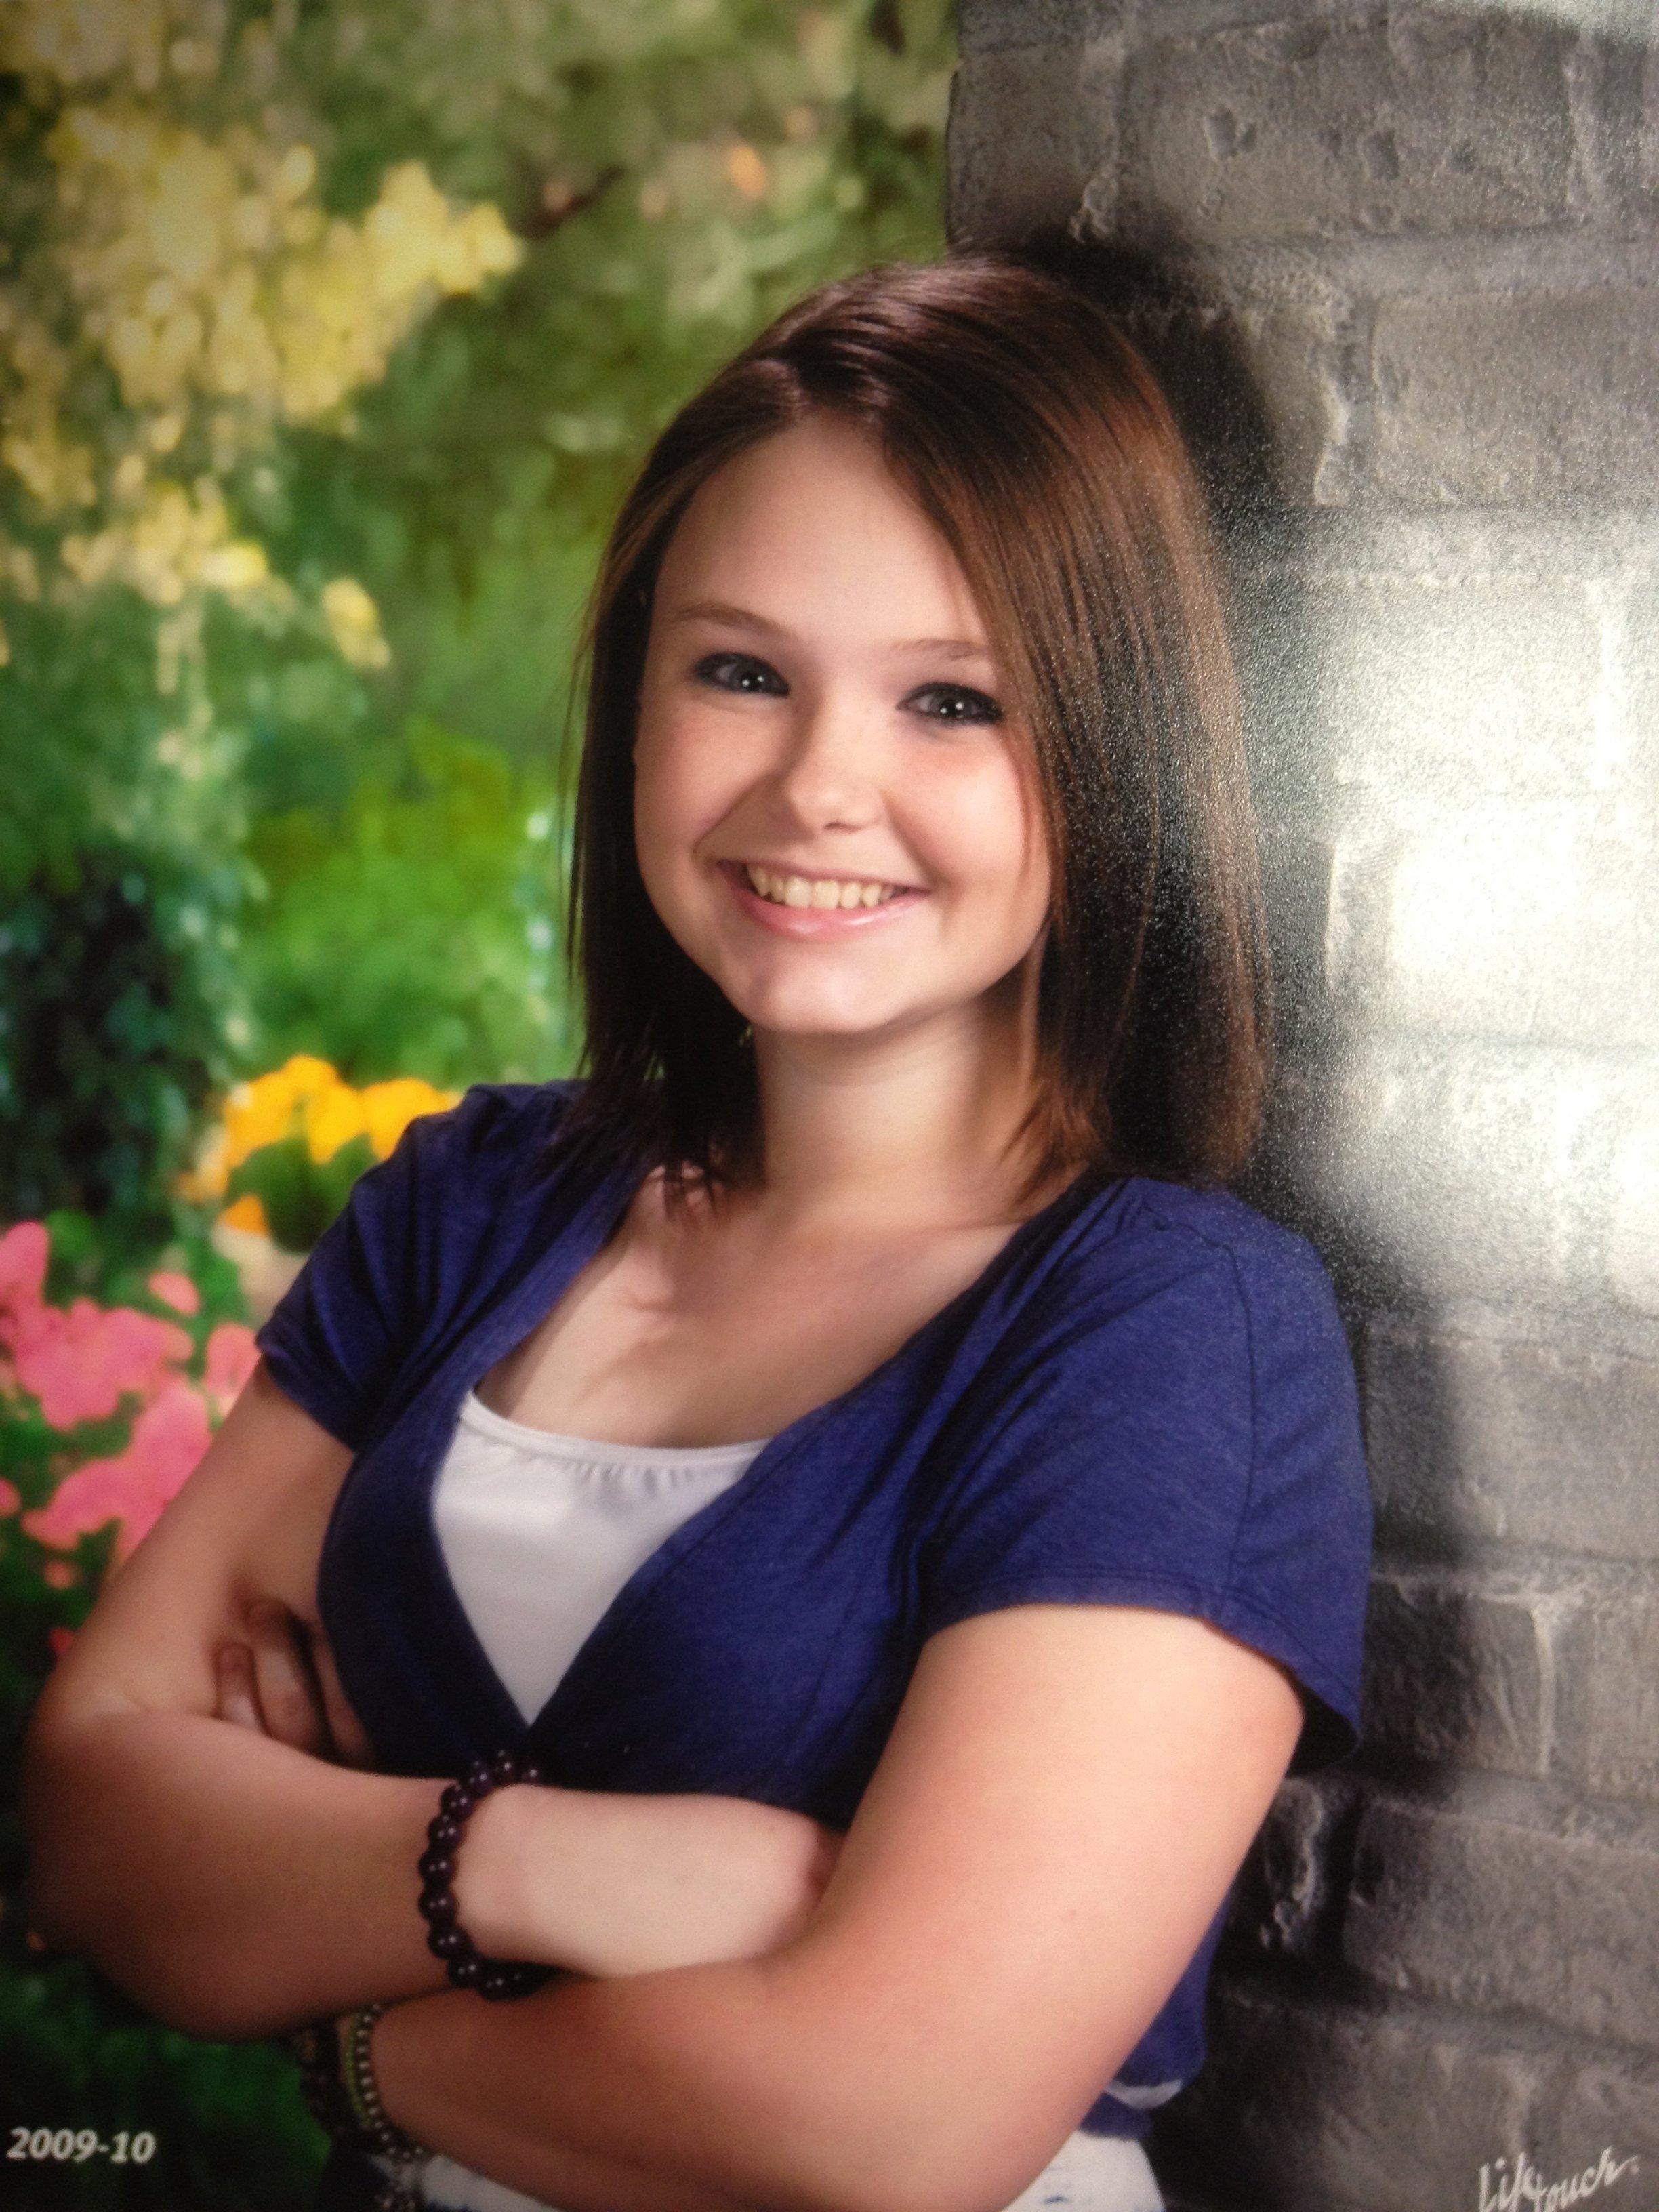 Skylar Neese, 16